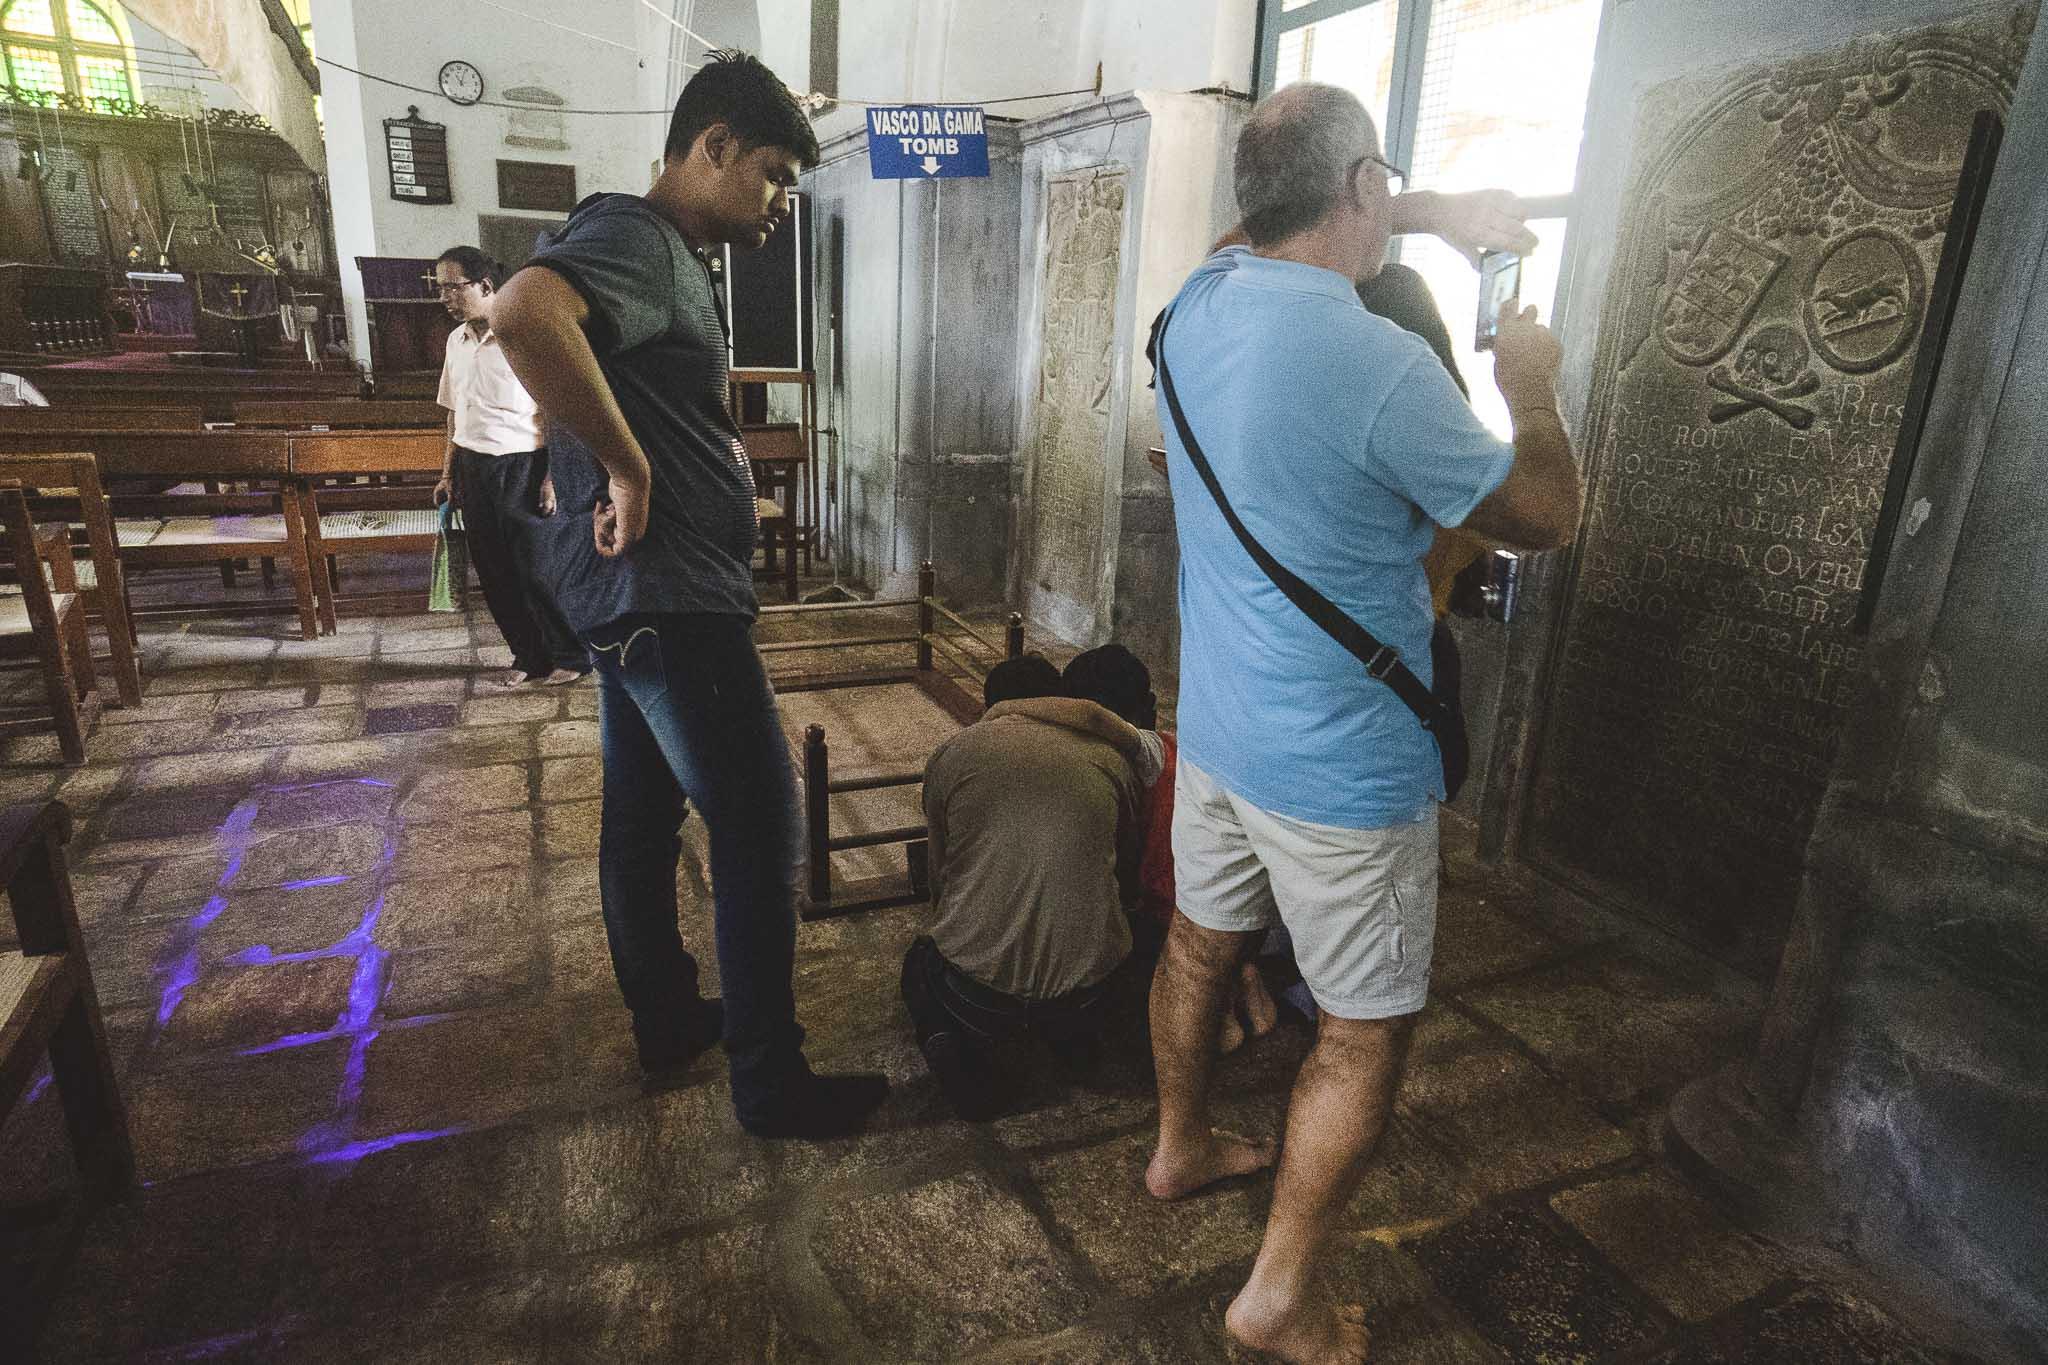 Pamiątkowe zdjęcia nad grobem Vasco da Gama